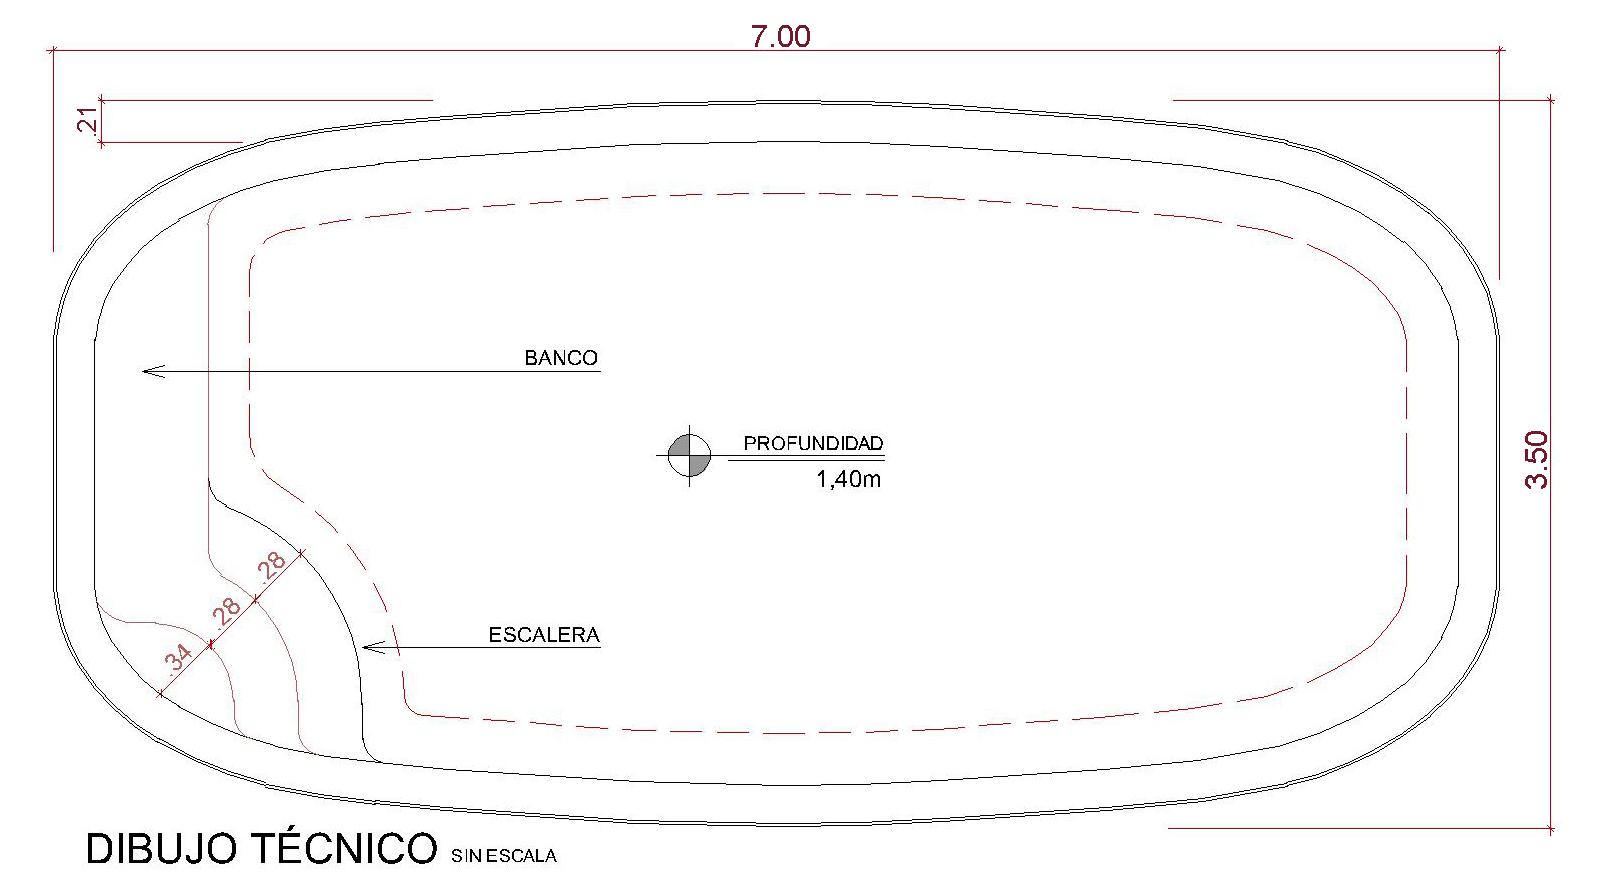 Dibujos técnicos Cálari (sin escala)